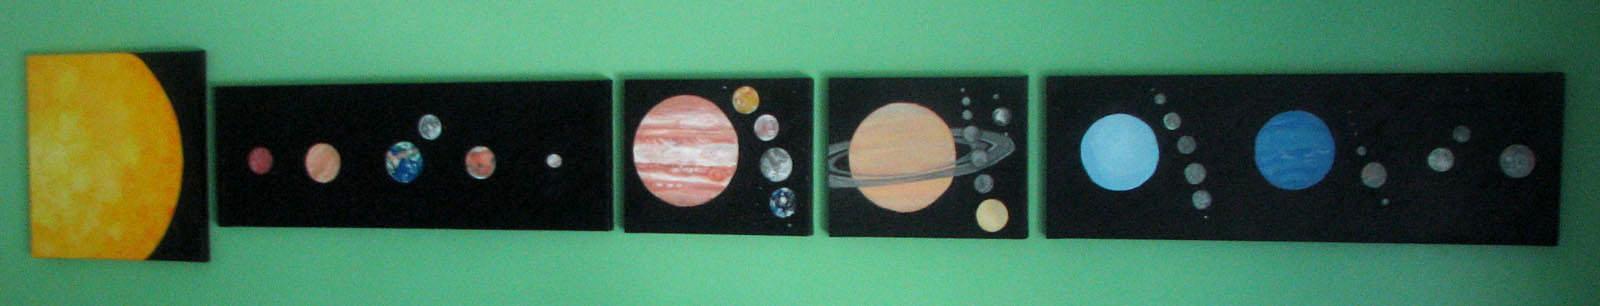 Solar System by ohida